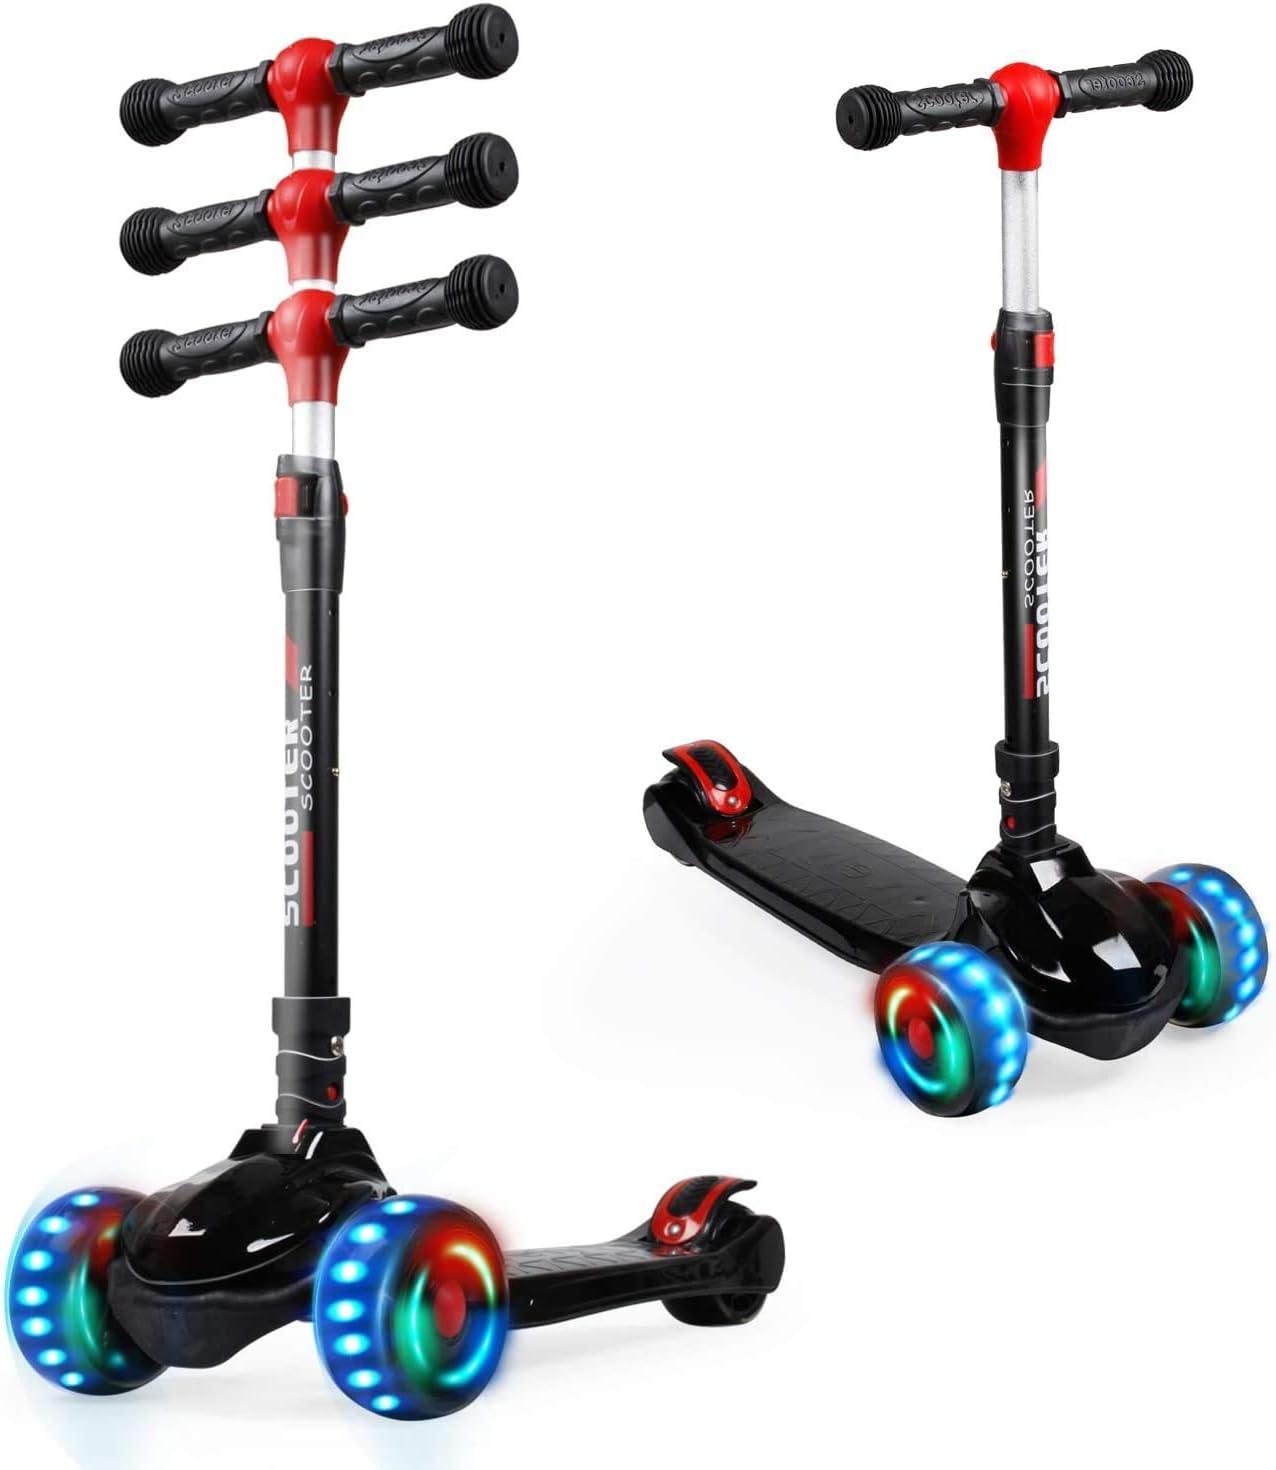 3 ruedas para ni/ños con 3 alturas ajustables Patinete para ni/ños de 2 a 8 a/ños de edad y ni/ña UNI-SUN Scooter infantil con 3 ruedas extra anchas LED de poliuretano con ruedas intermitentes